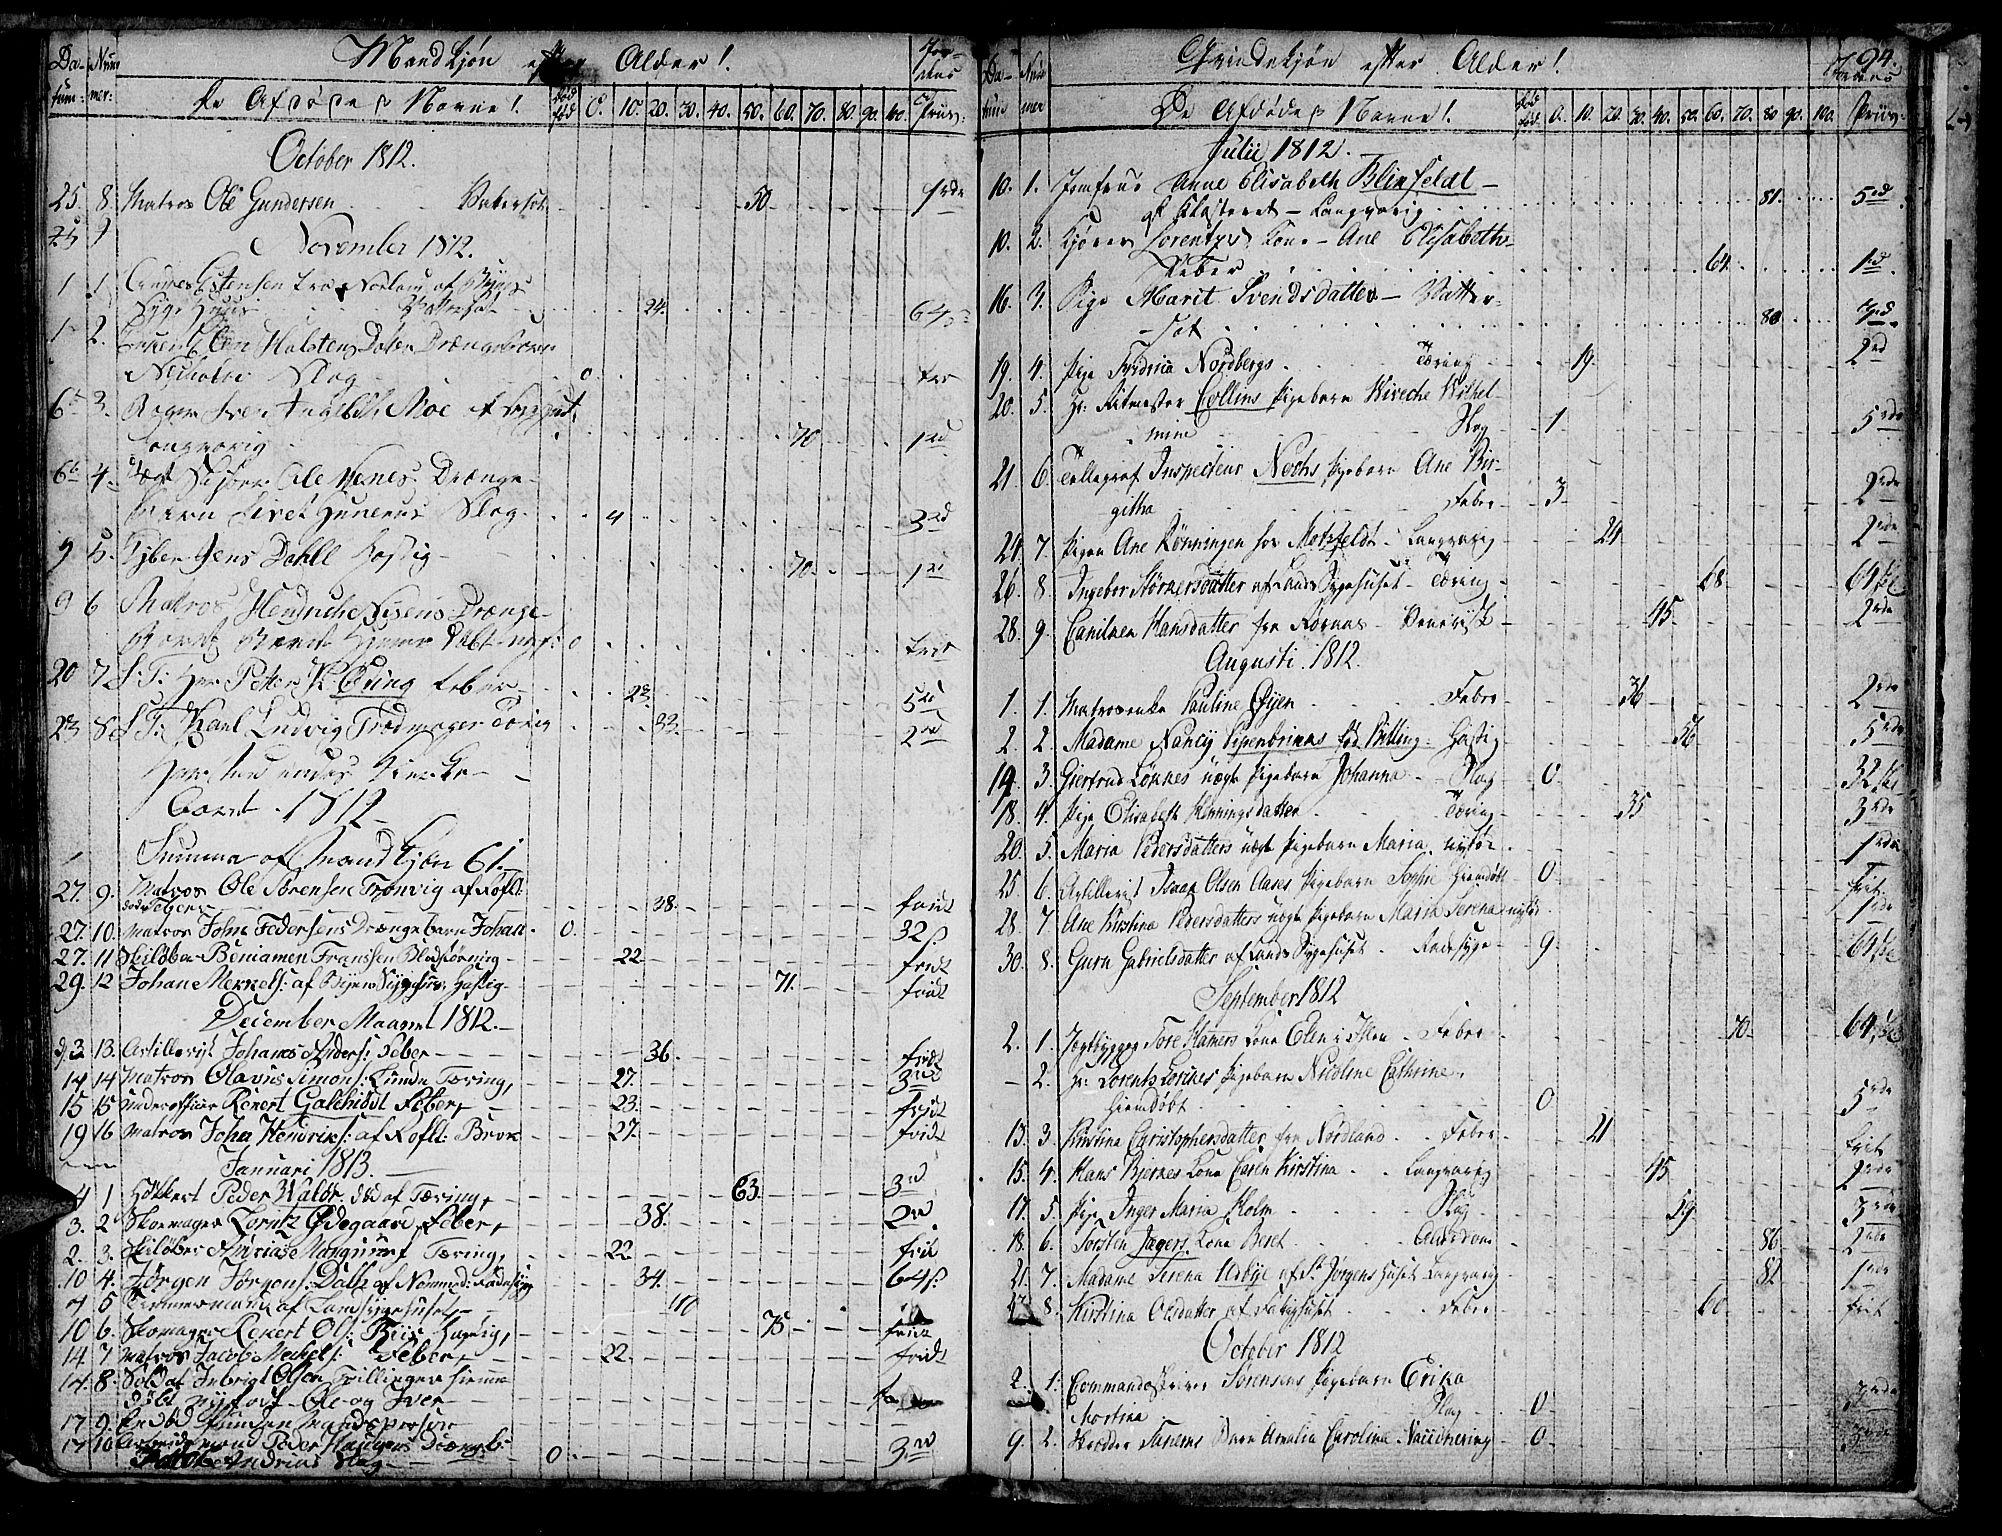 SAT, Ministerialprotokoller, klokkerbøker og fødselsregistre - Sør-Trøndelag, 601/L0040: Ministerialbok nr. 601A08, 1783-1818, s. 94